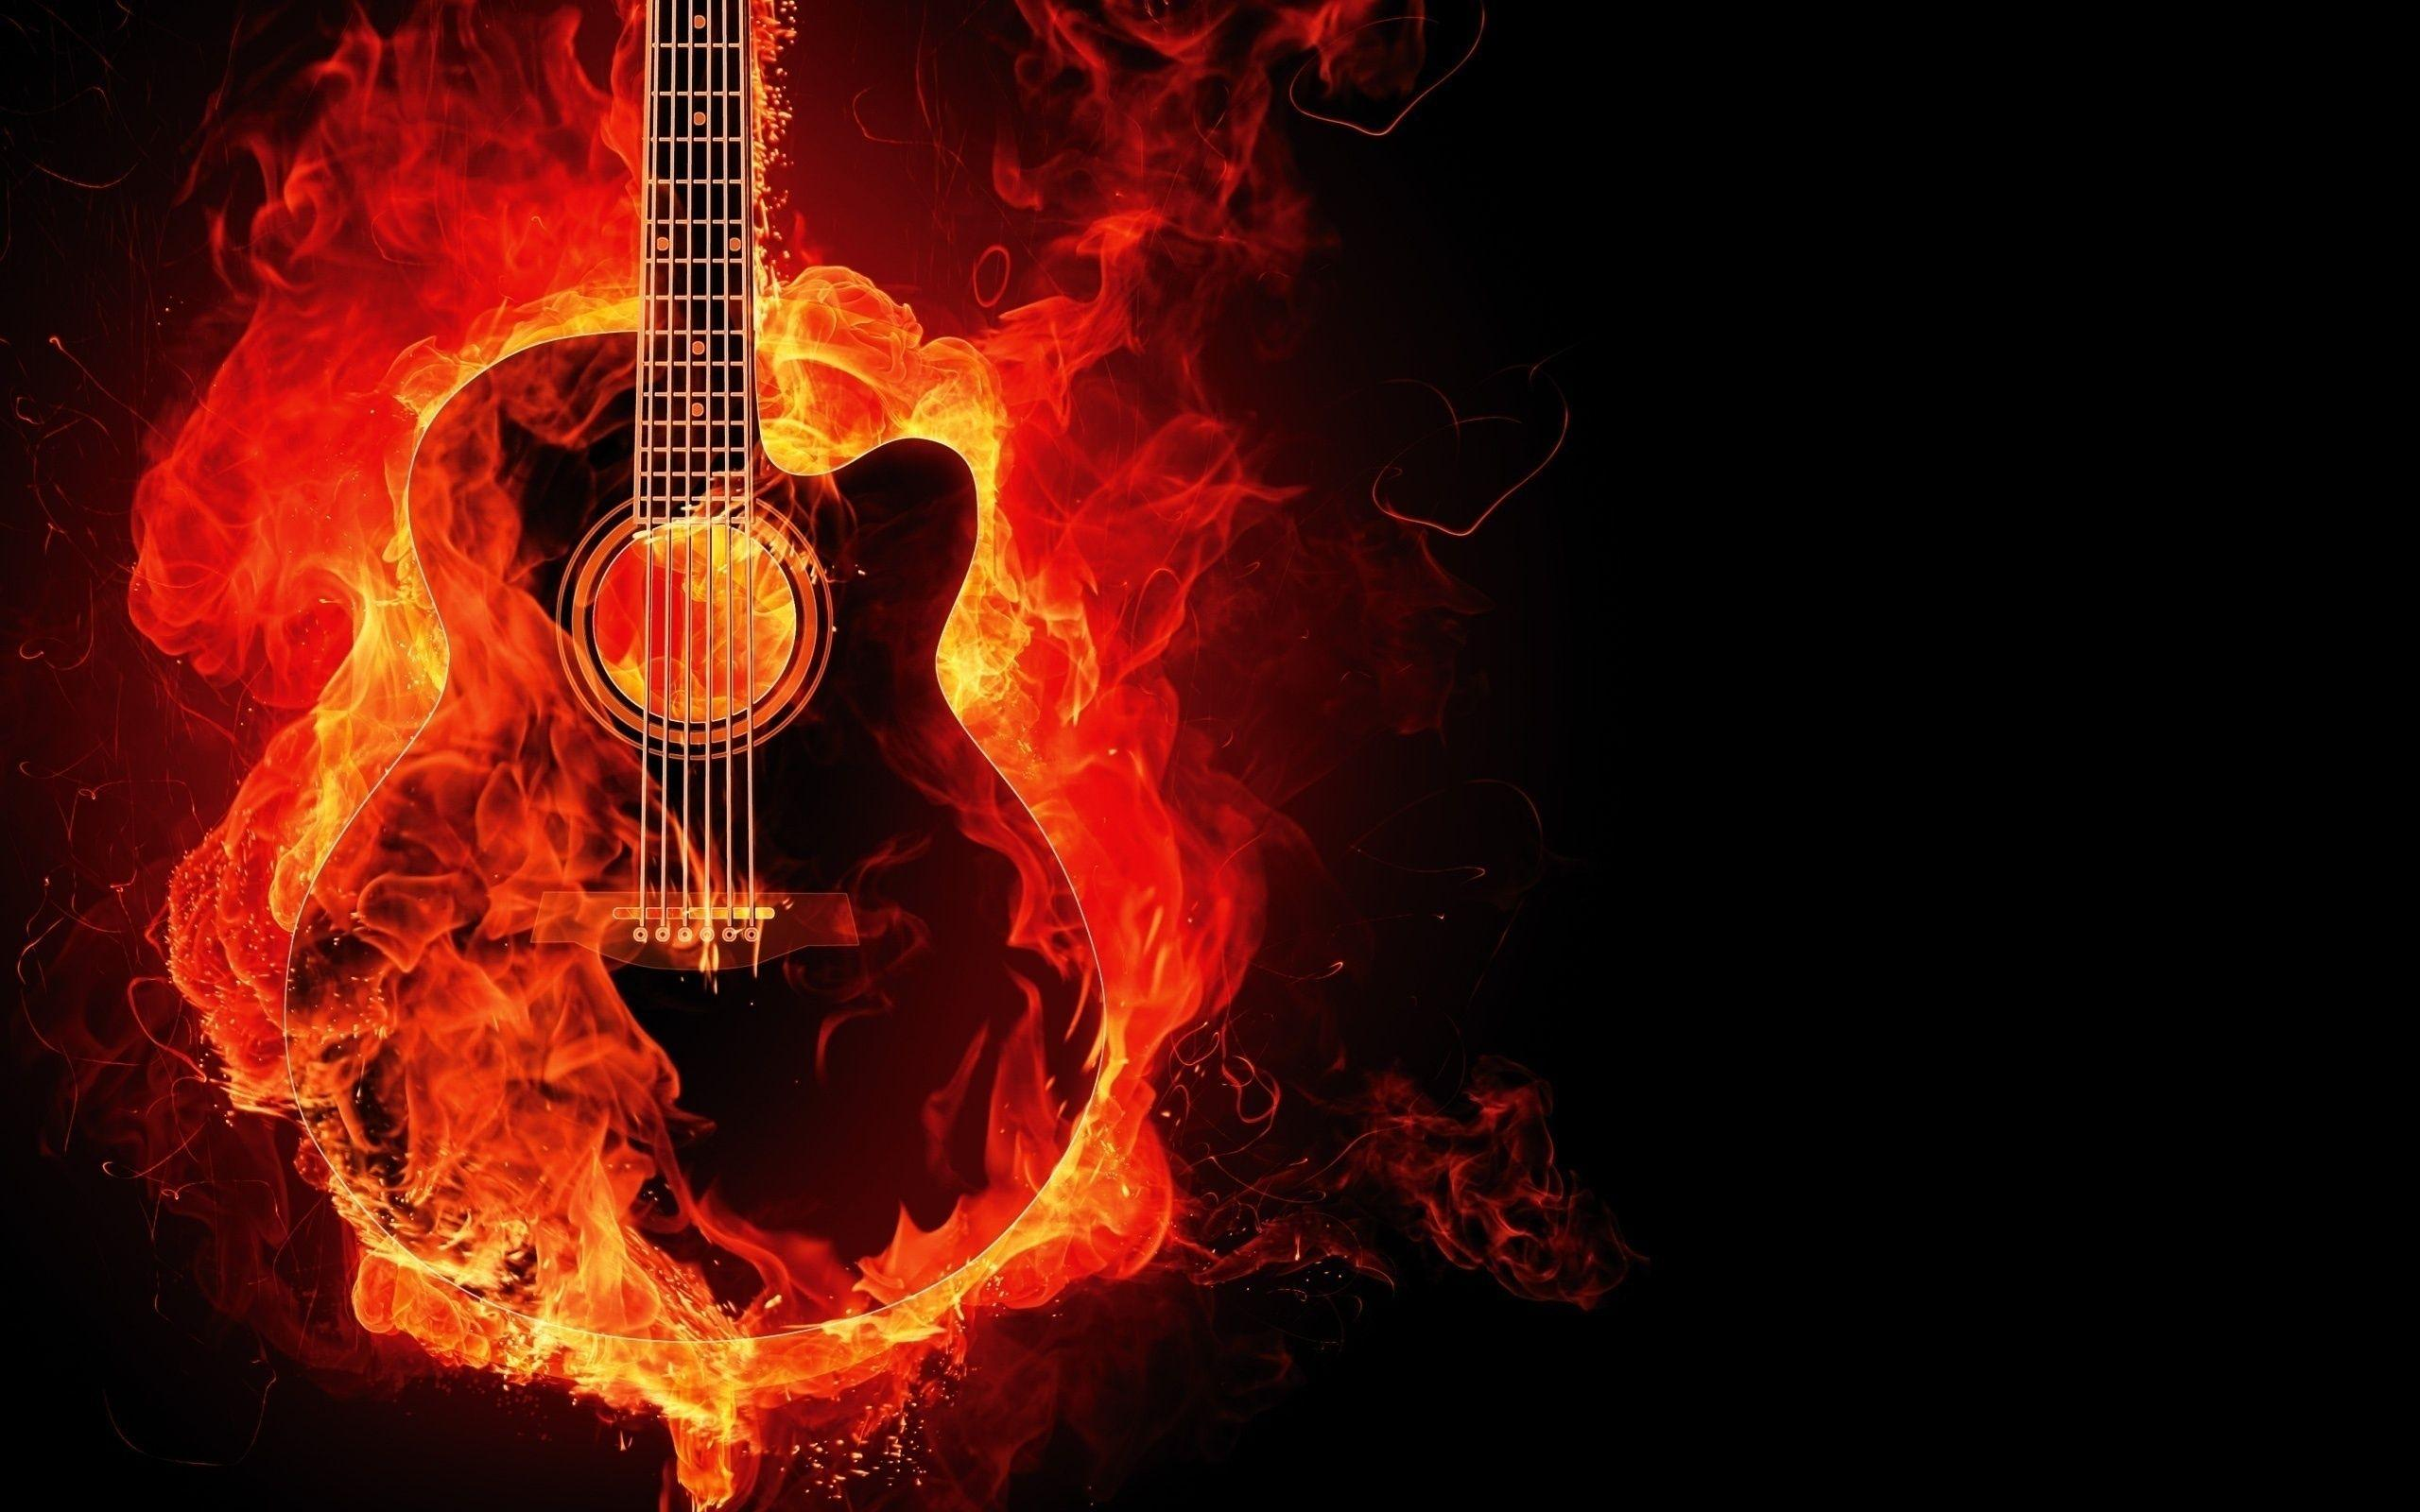 Burning Guitar Wallpapers Wallpaper Cave